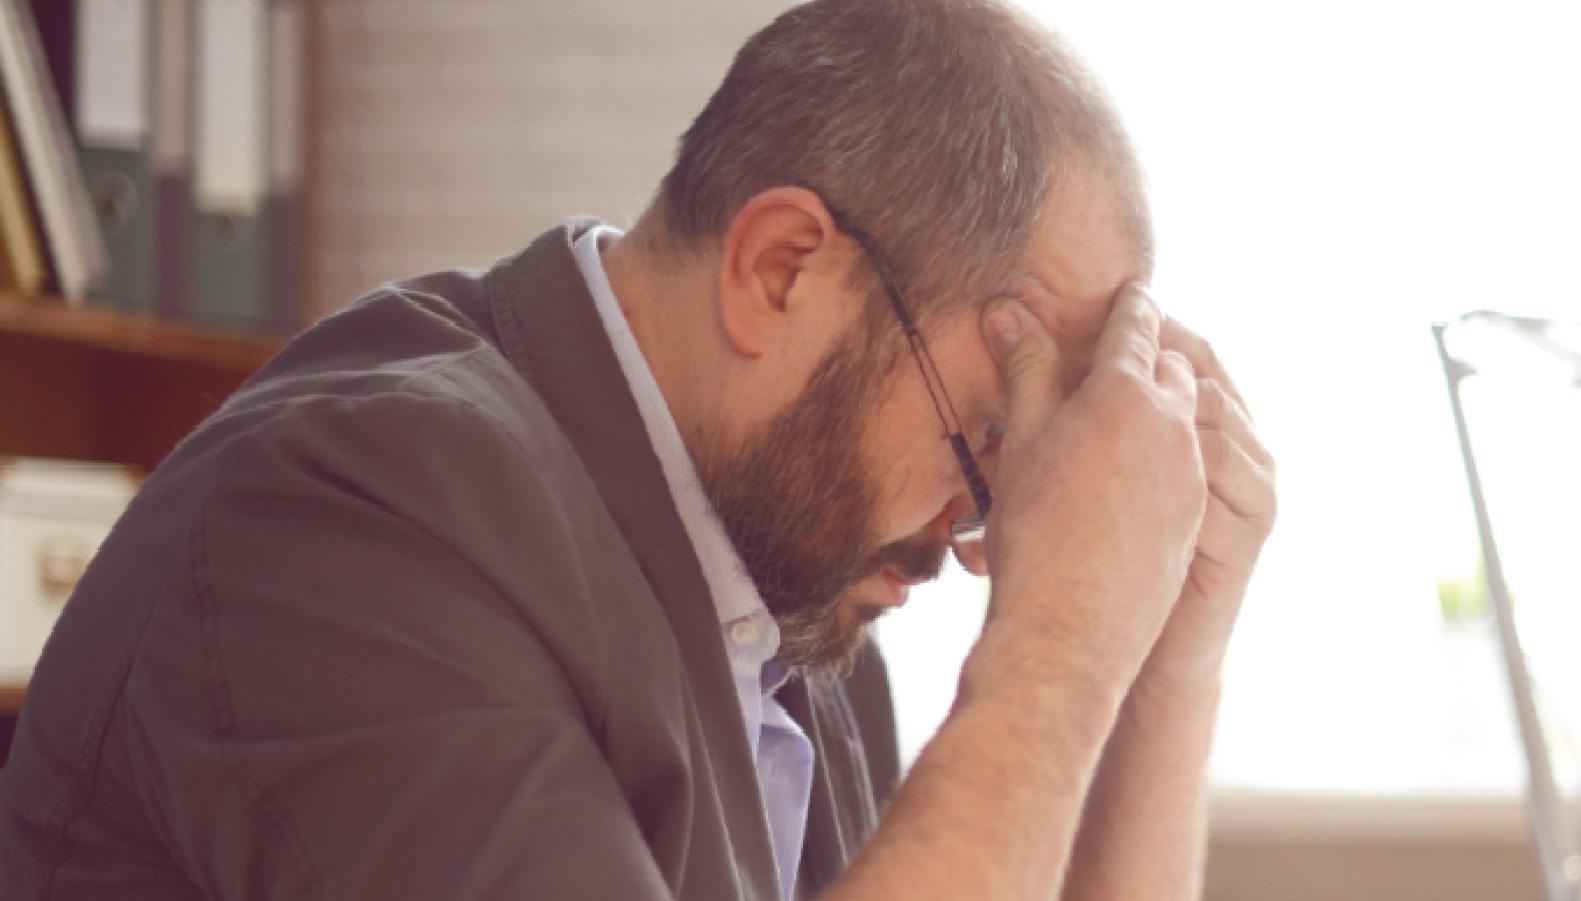 Mand med gråt hår og briller tager sig stresset på panden